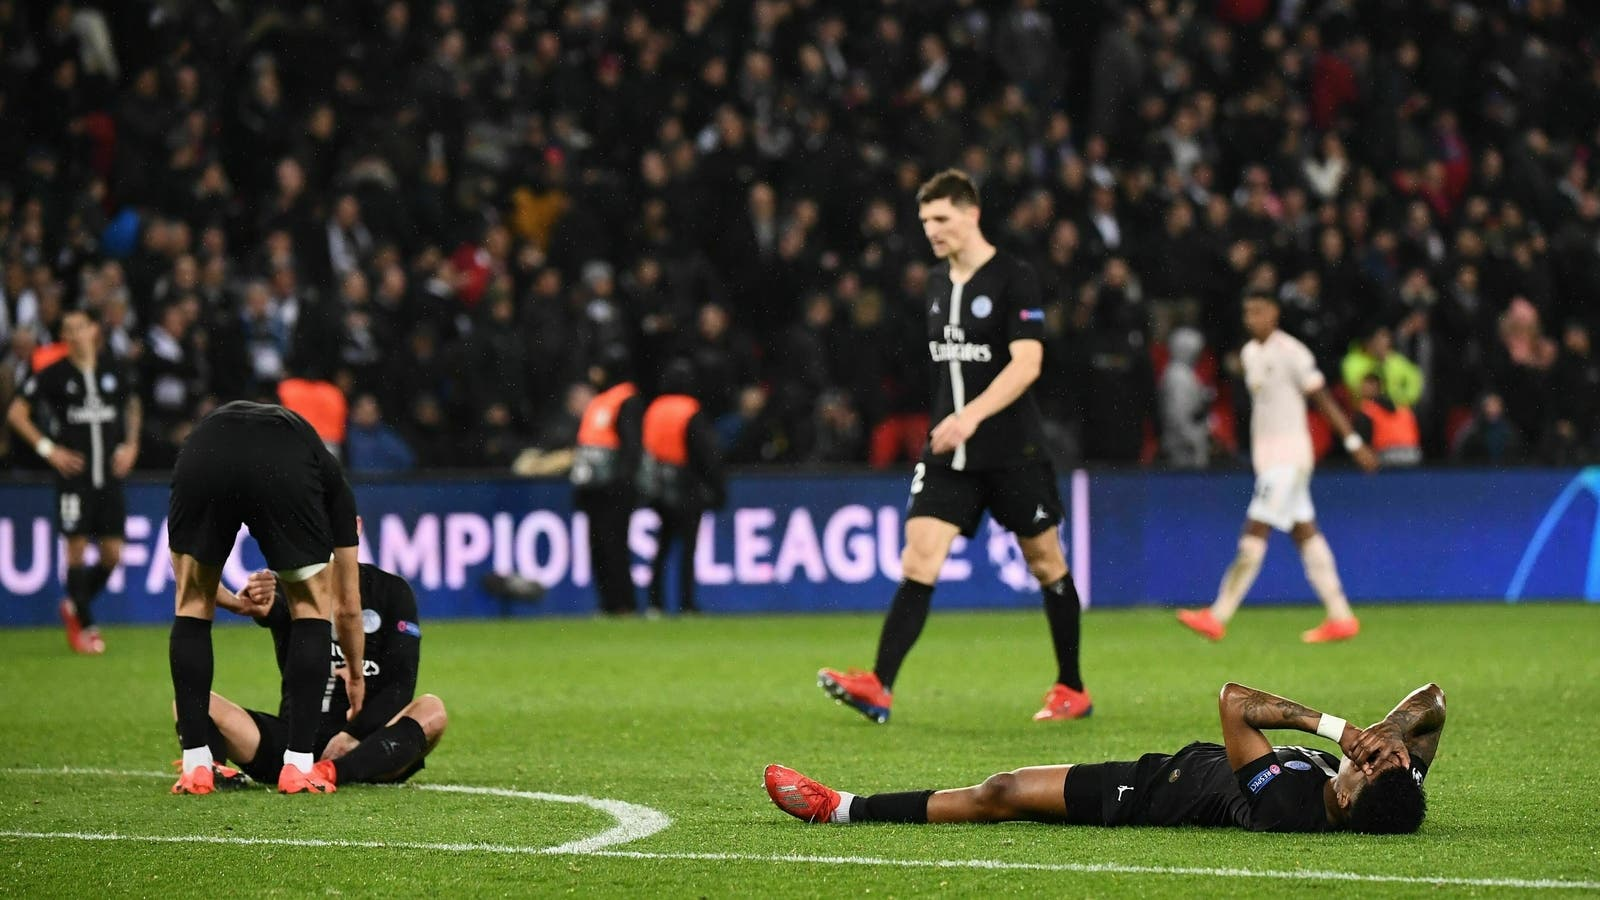 خروج باريس سان جيرمان أمام مانشستر يونايتد في دور الـ بدوري أبطال أوروبا الموسم المنصرم